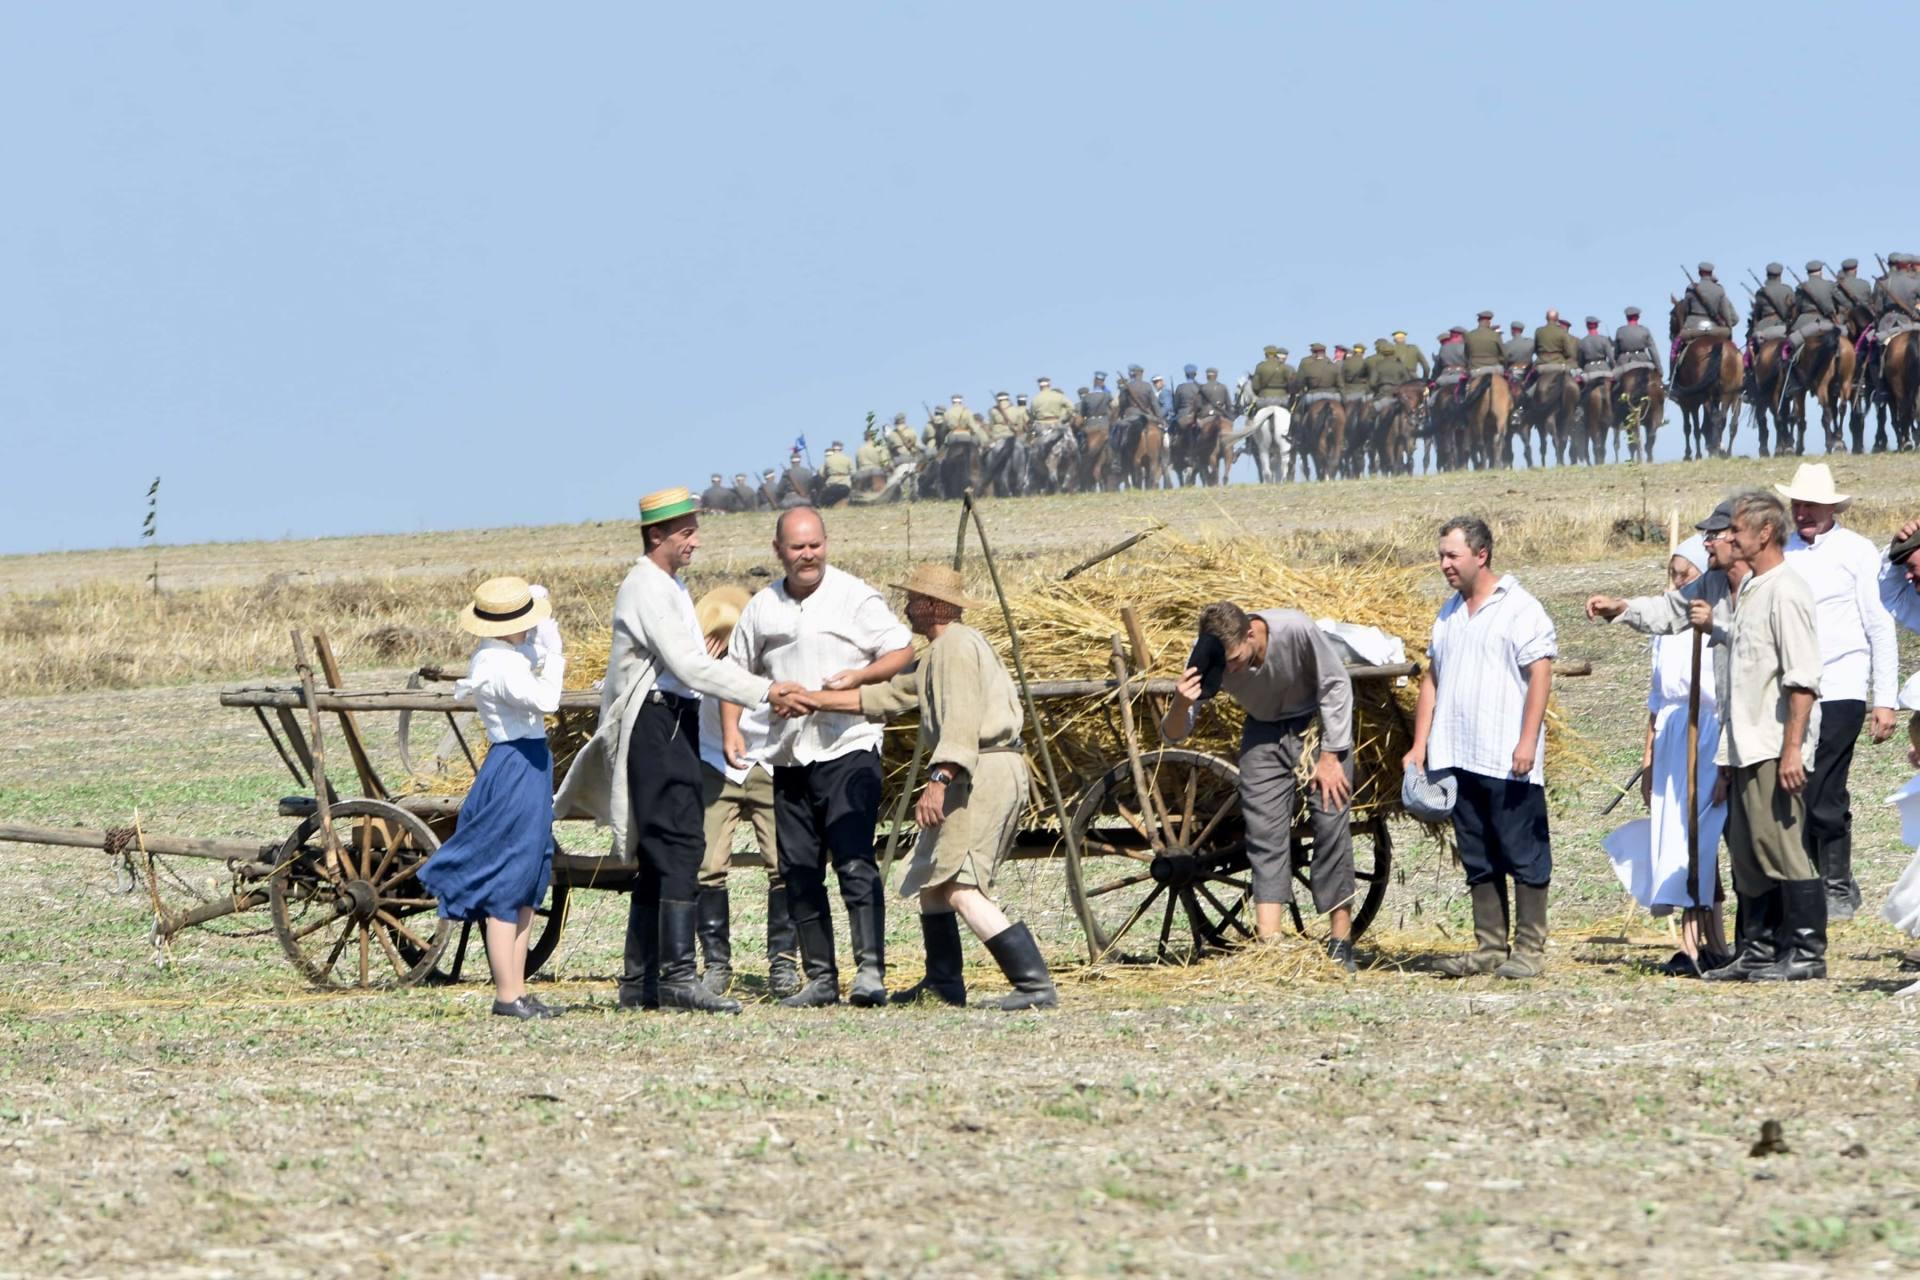 dsc 0822 Czas szabli - 100 rocznica bitwy pod Komarowem(zdjęcia)